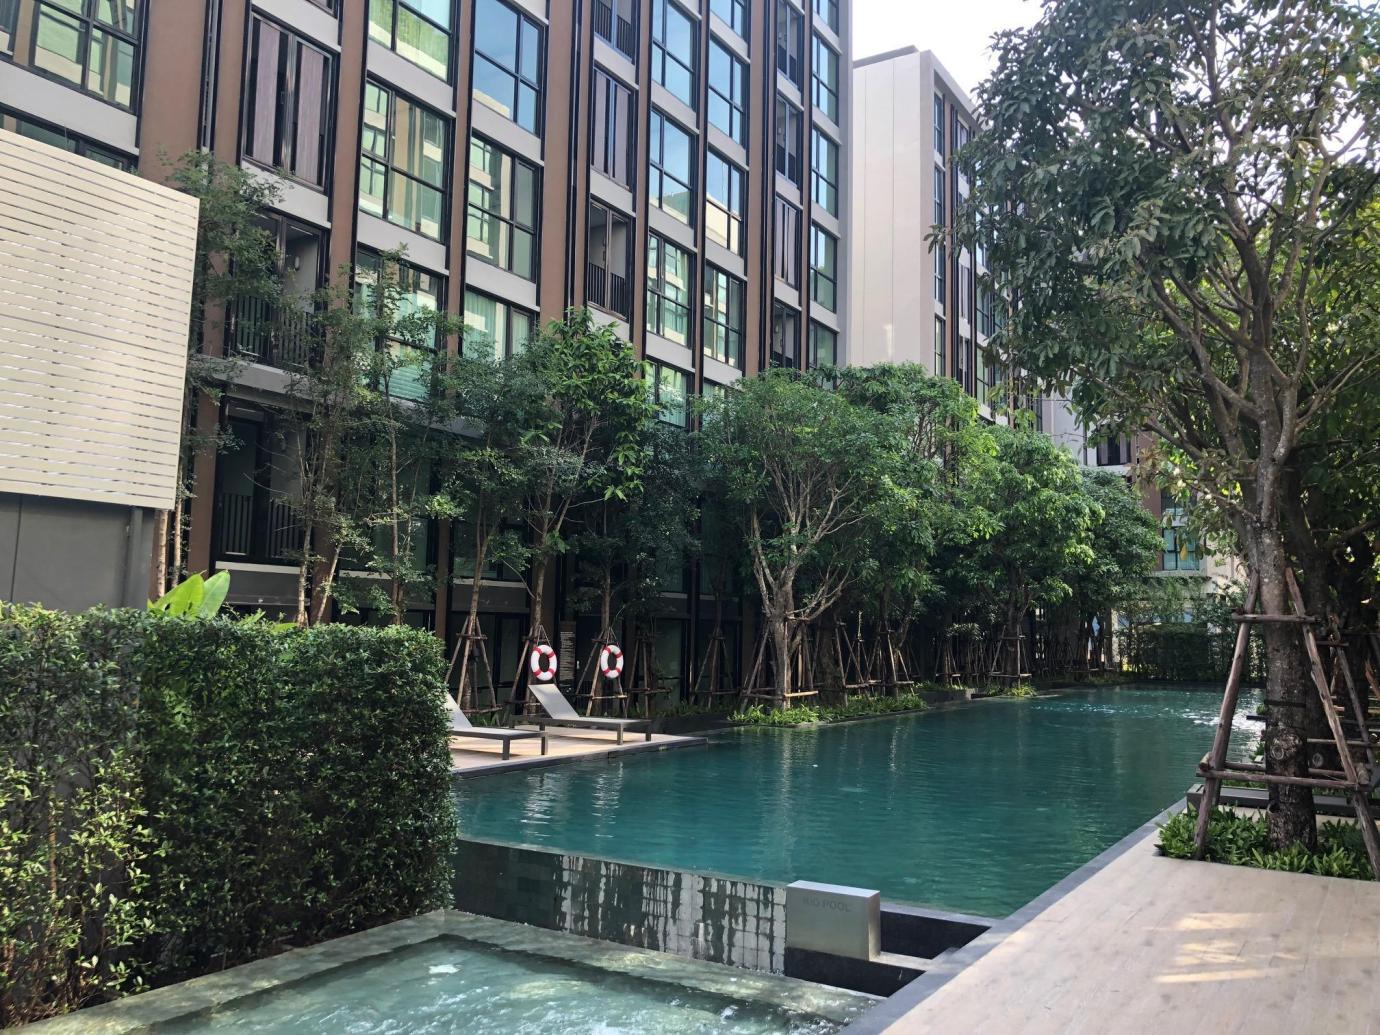 4pp,2 BR, 2 baths condo 13mins walk to Thonglo bts Bangkok Bangkok Thailand